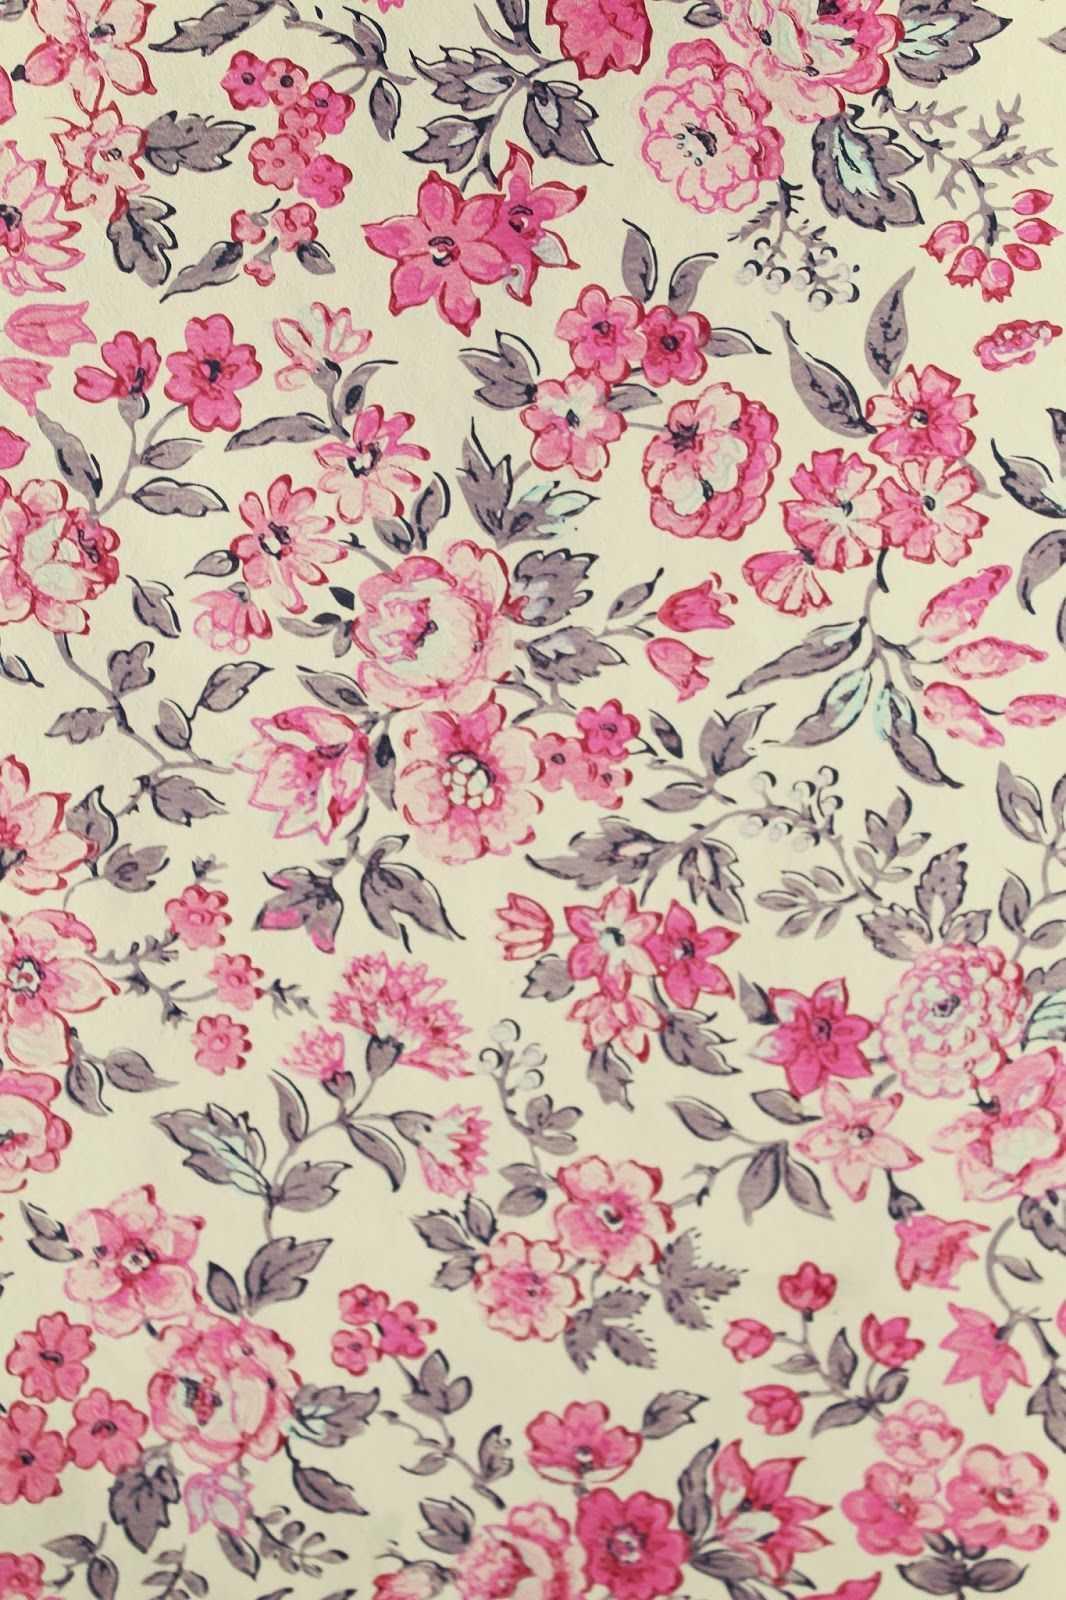 Indie Floral Wallpapers - Top Free Indie Floral ...